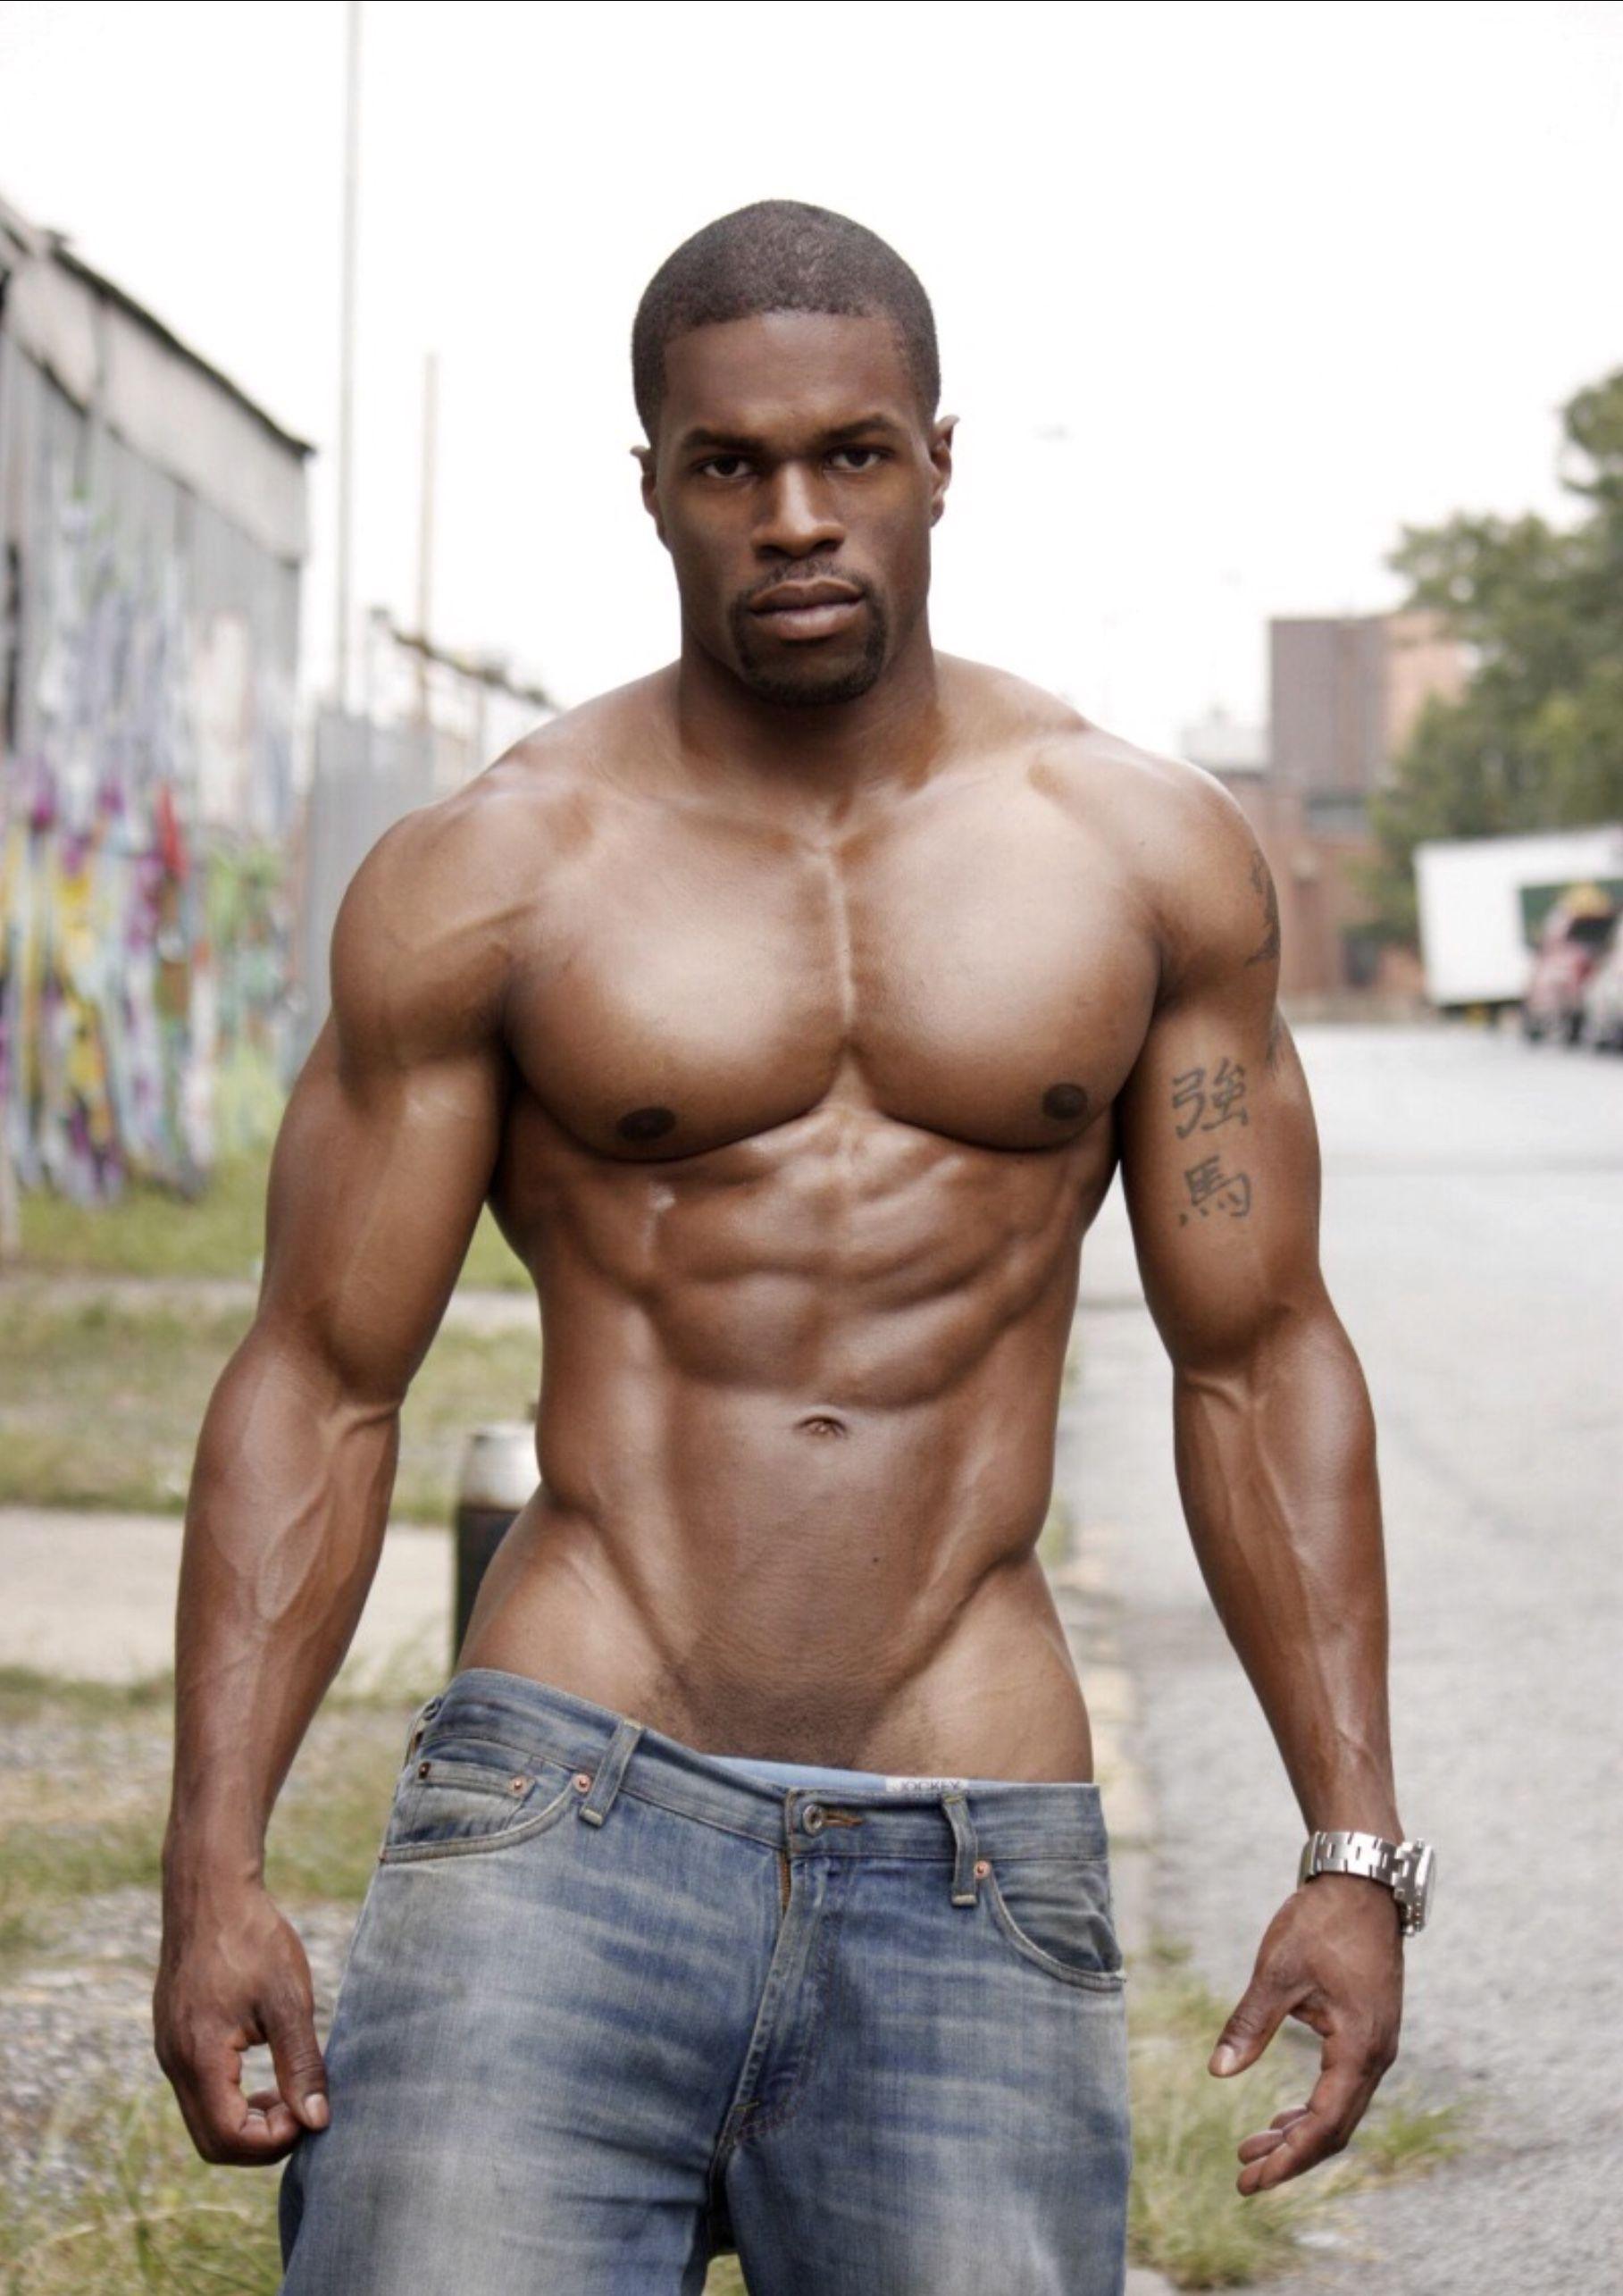 svart mann spiser svart kvinne fitte